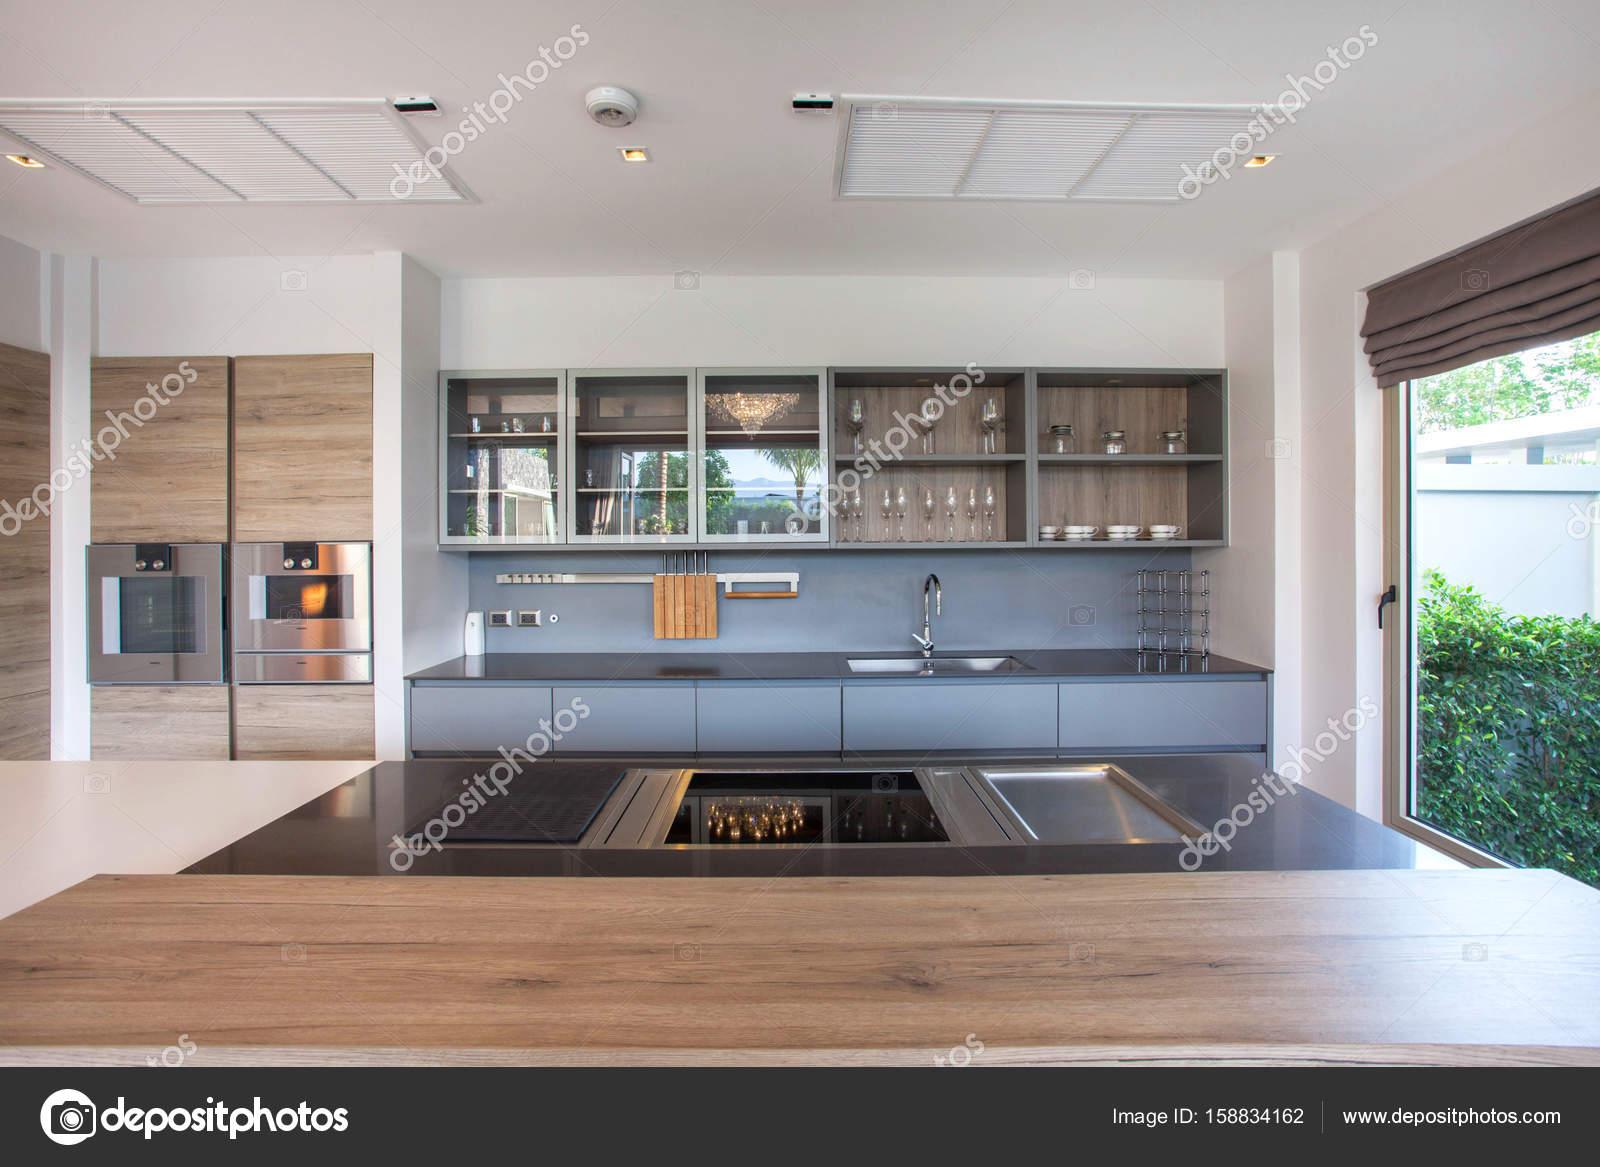 Design Di Interni Ed Esterni : Design di interni ed esterni e decorazione della casa u foto stock